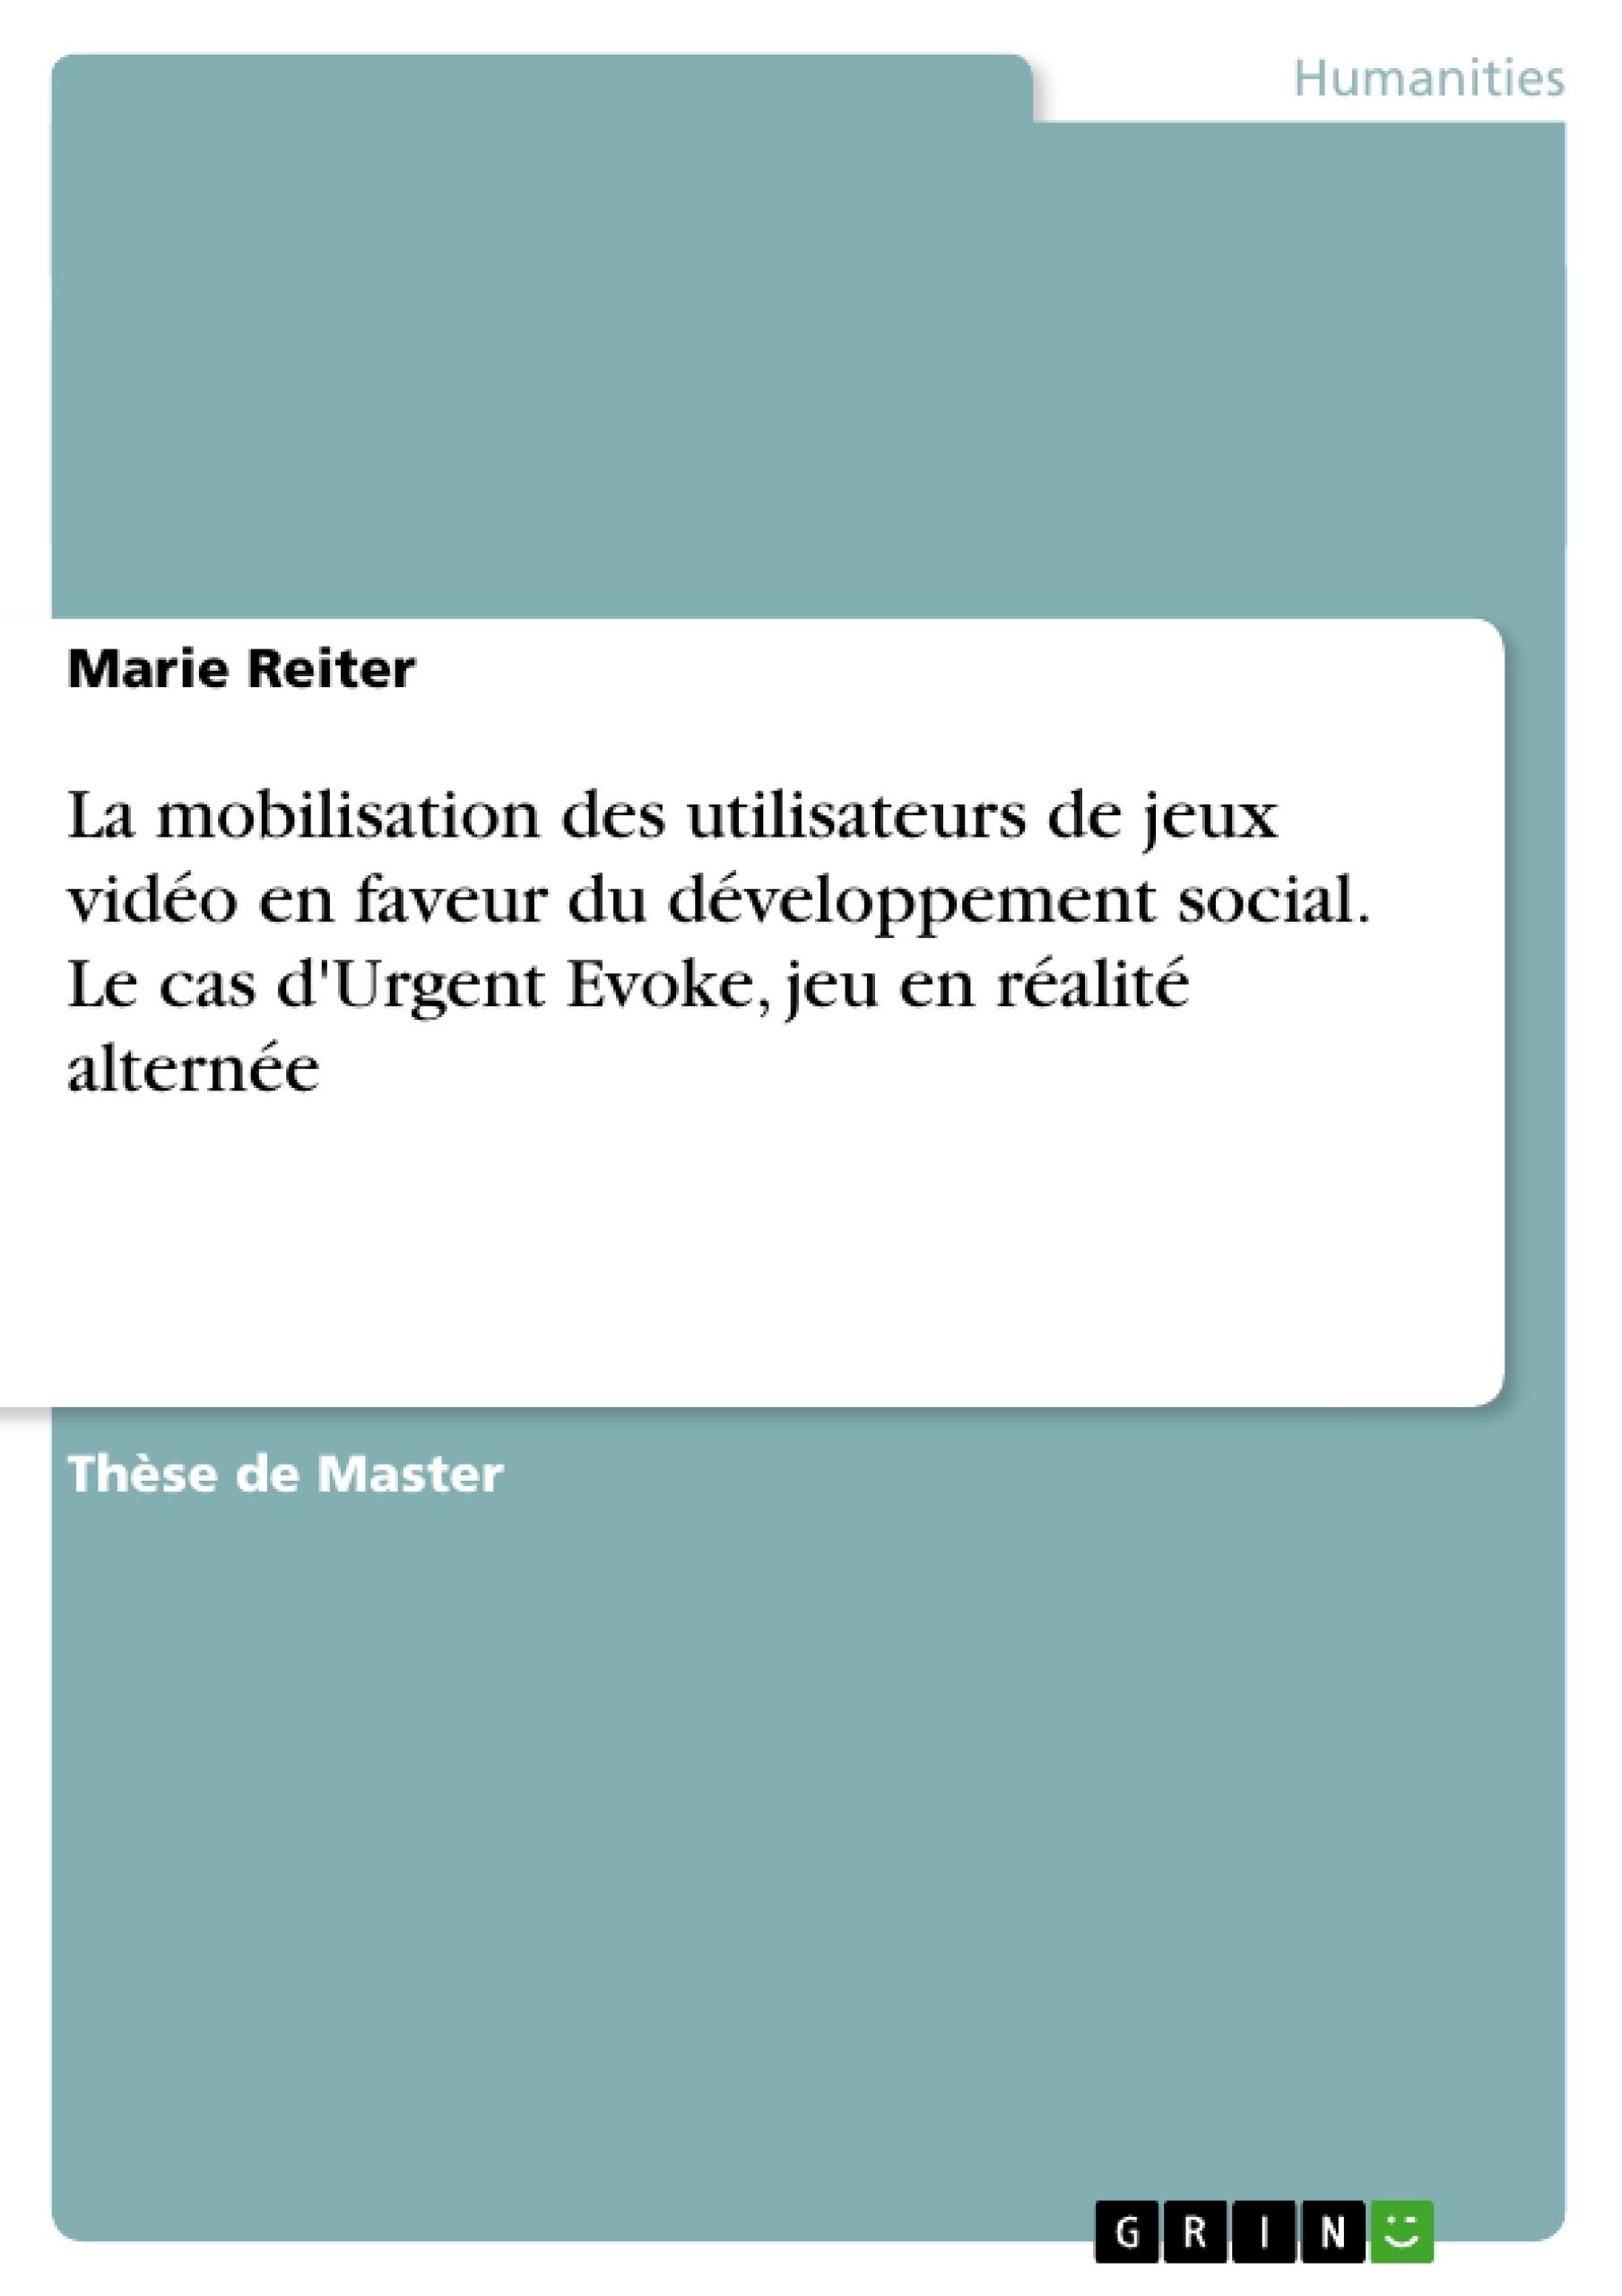 Titre: La mobilisation des utilisateurs de jeux vidéo en faveur du développement social. Le cas d'Urgent Evoke, jeu en réalité alternée